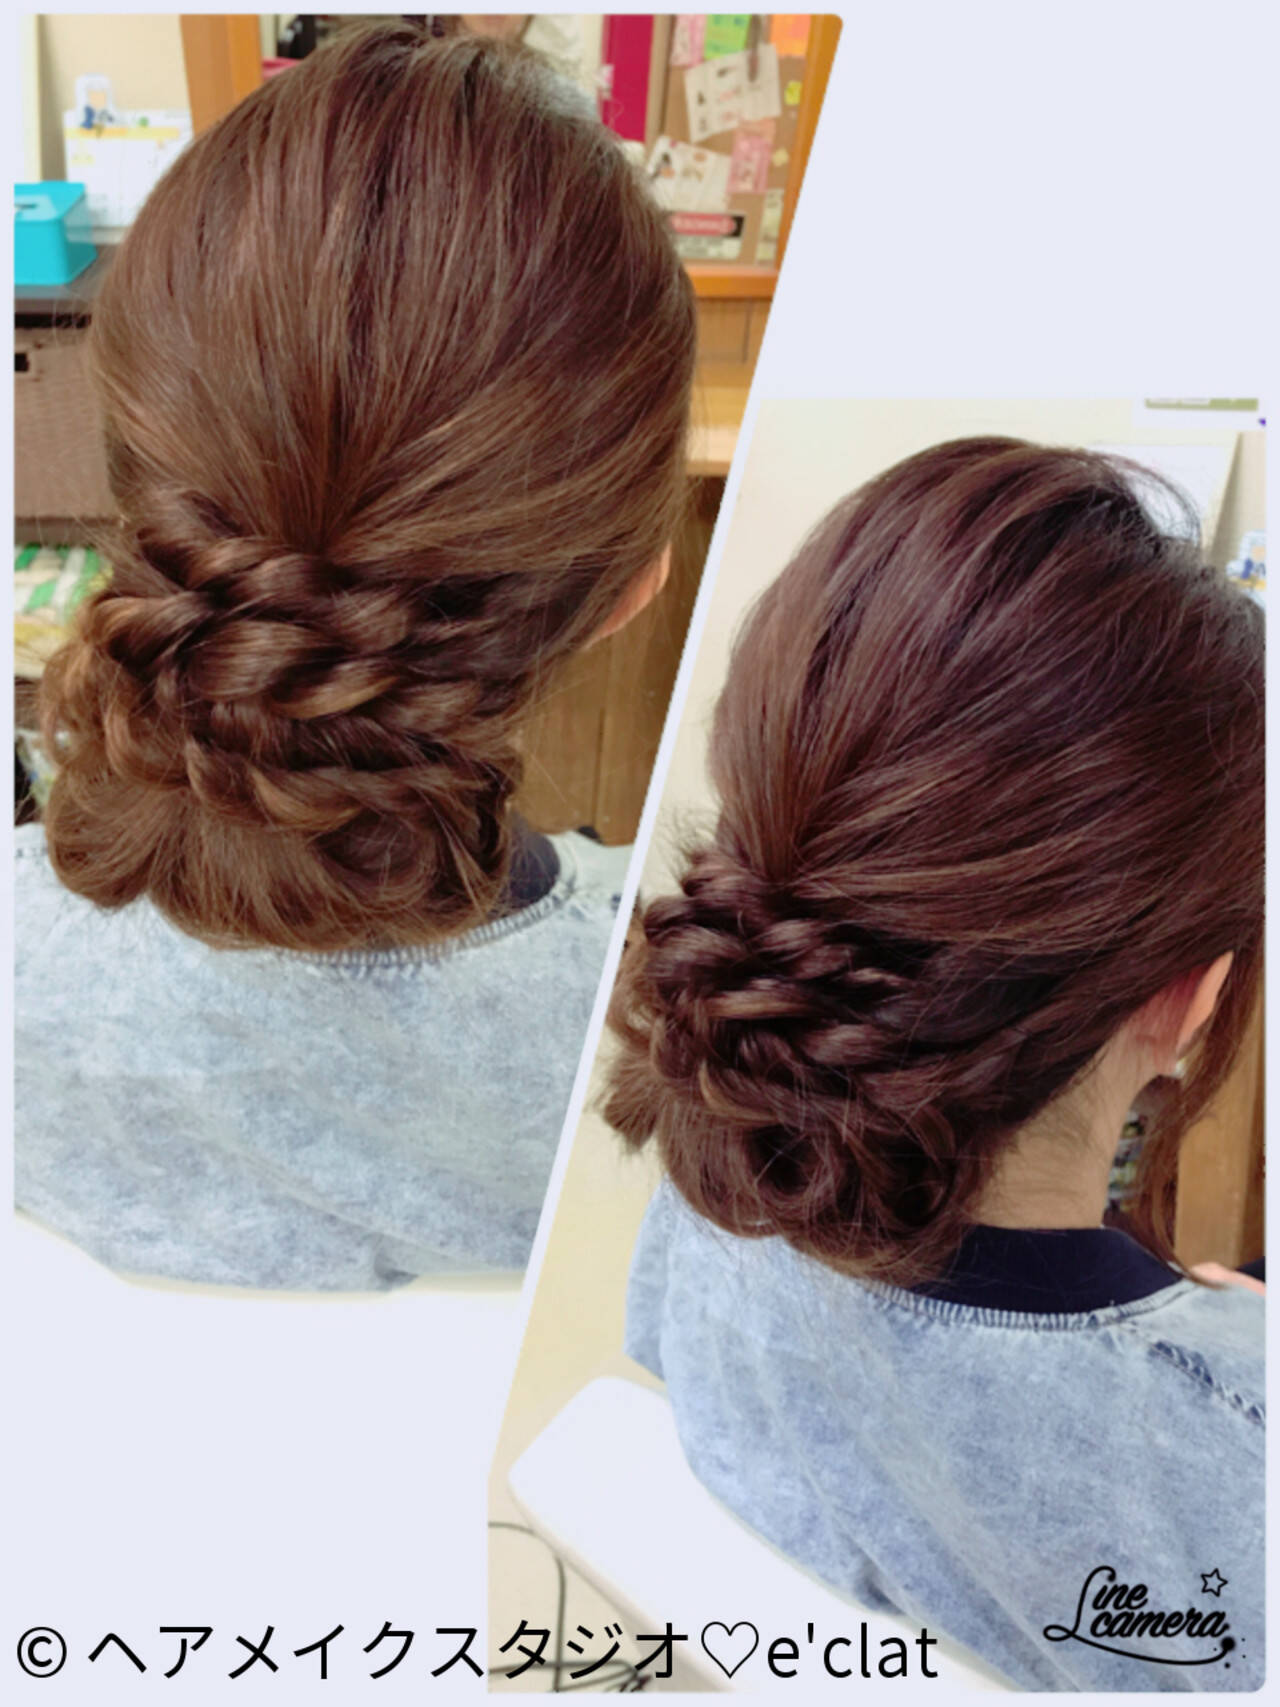 デート 色気 梅雨 ヘアアレンジヘアスタイルや髪型の写真・画像